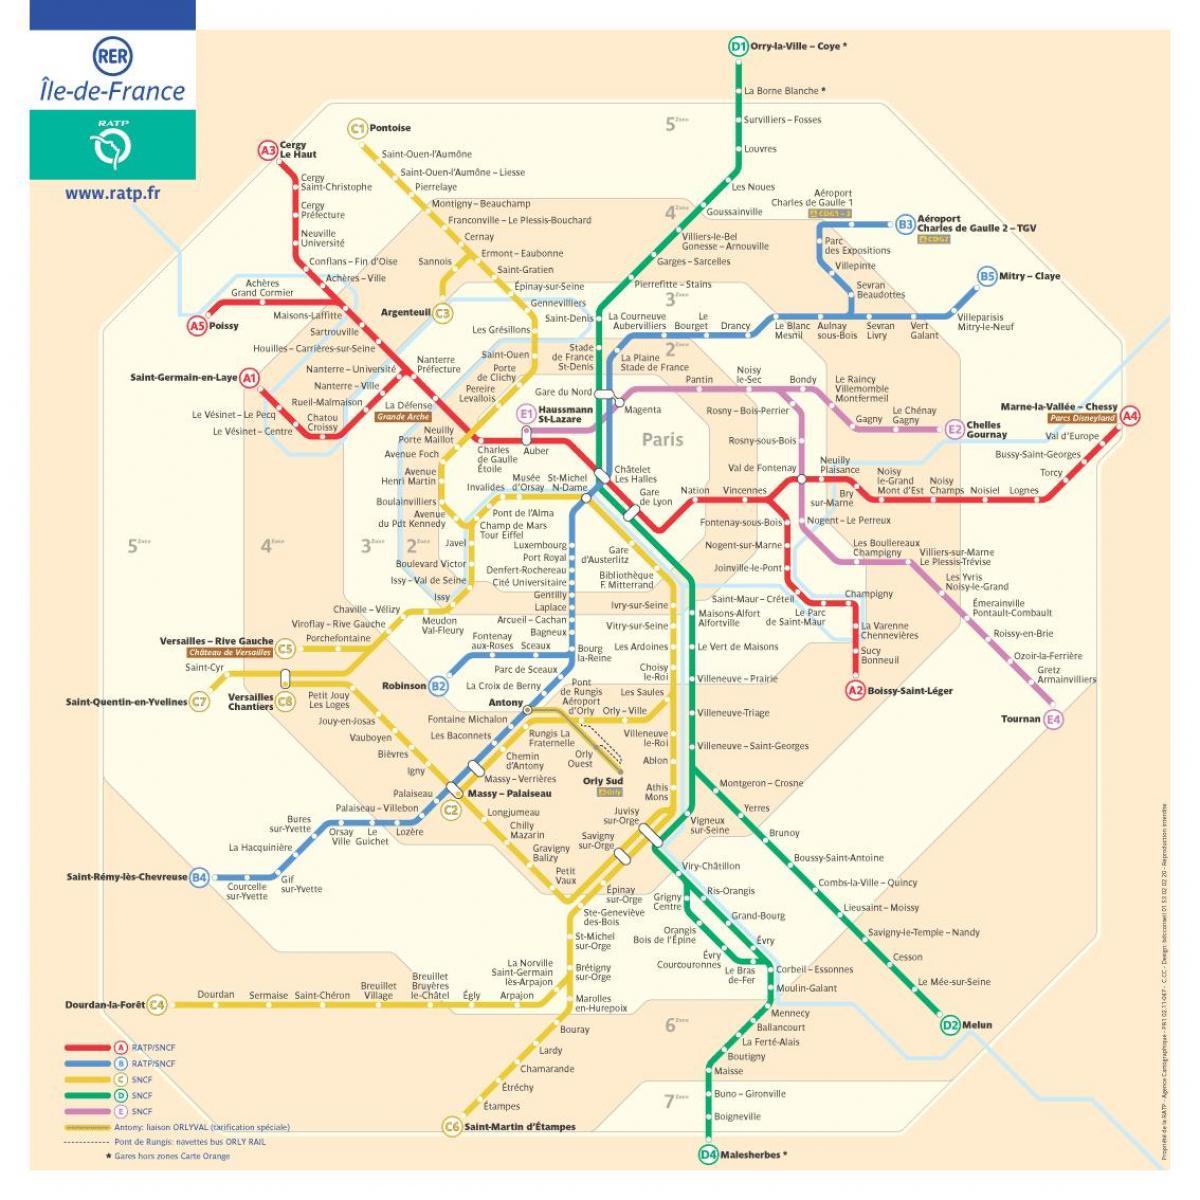 Carte Rer Ile De France.Paris Metro Rer La Carte Rer Et De Metro De La Carte Ile